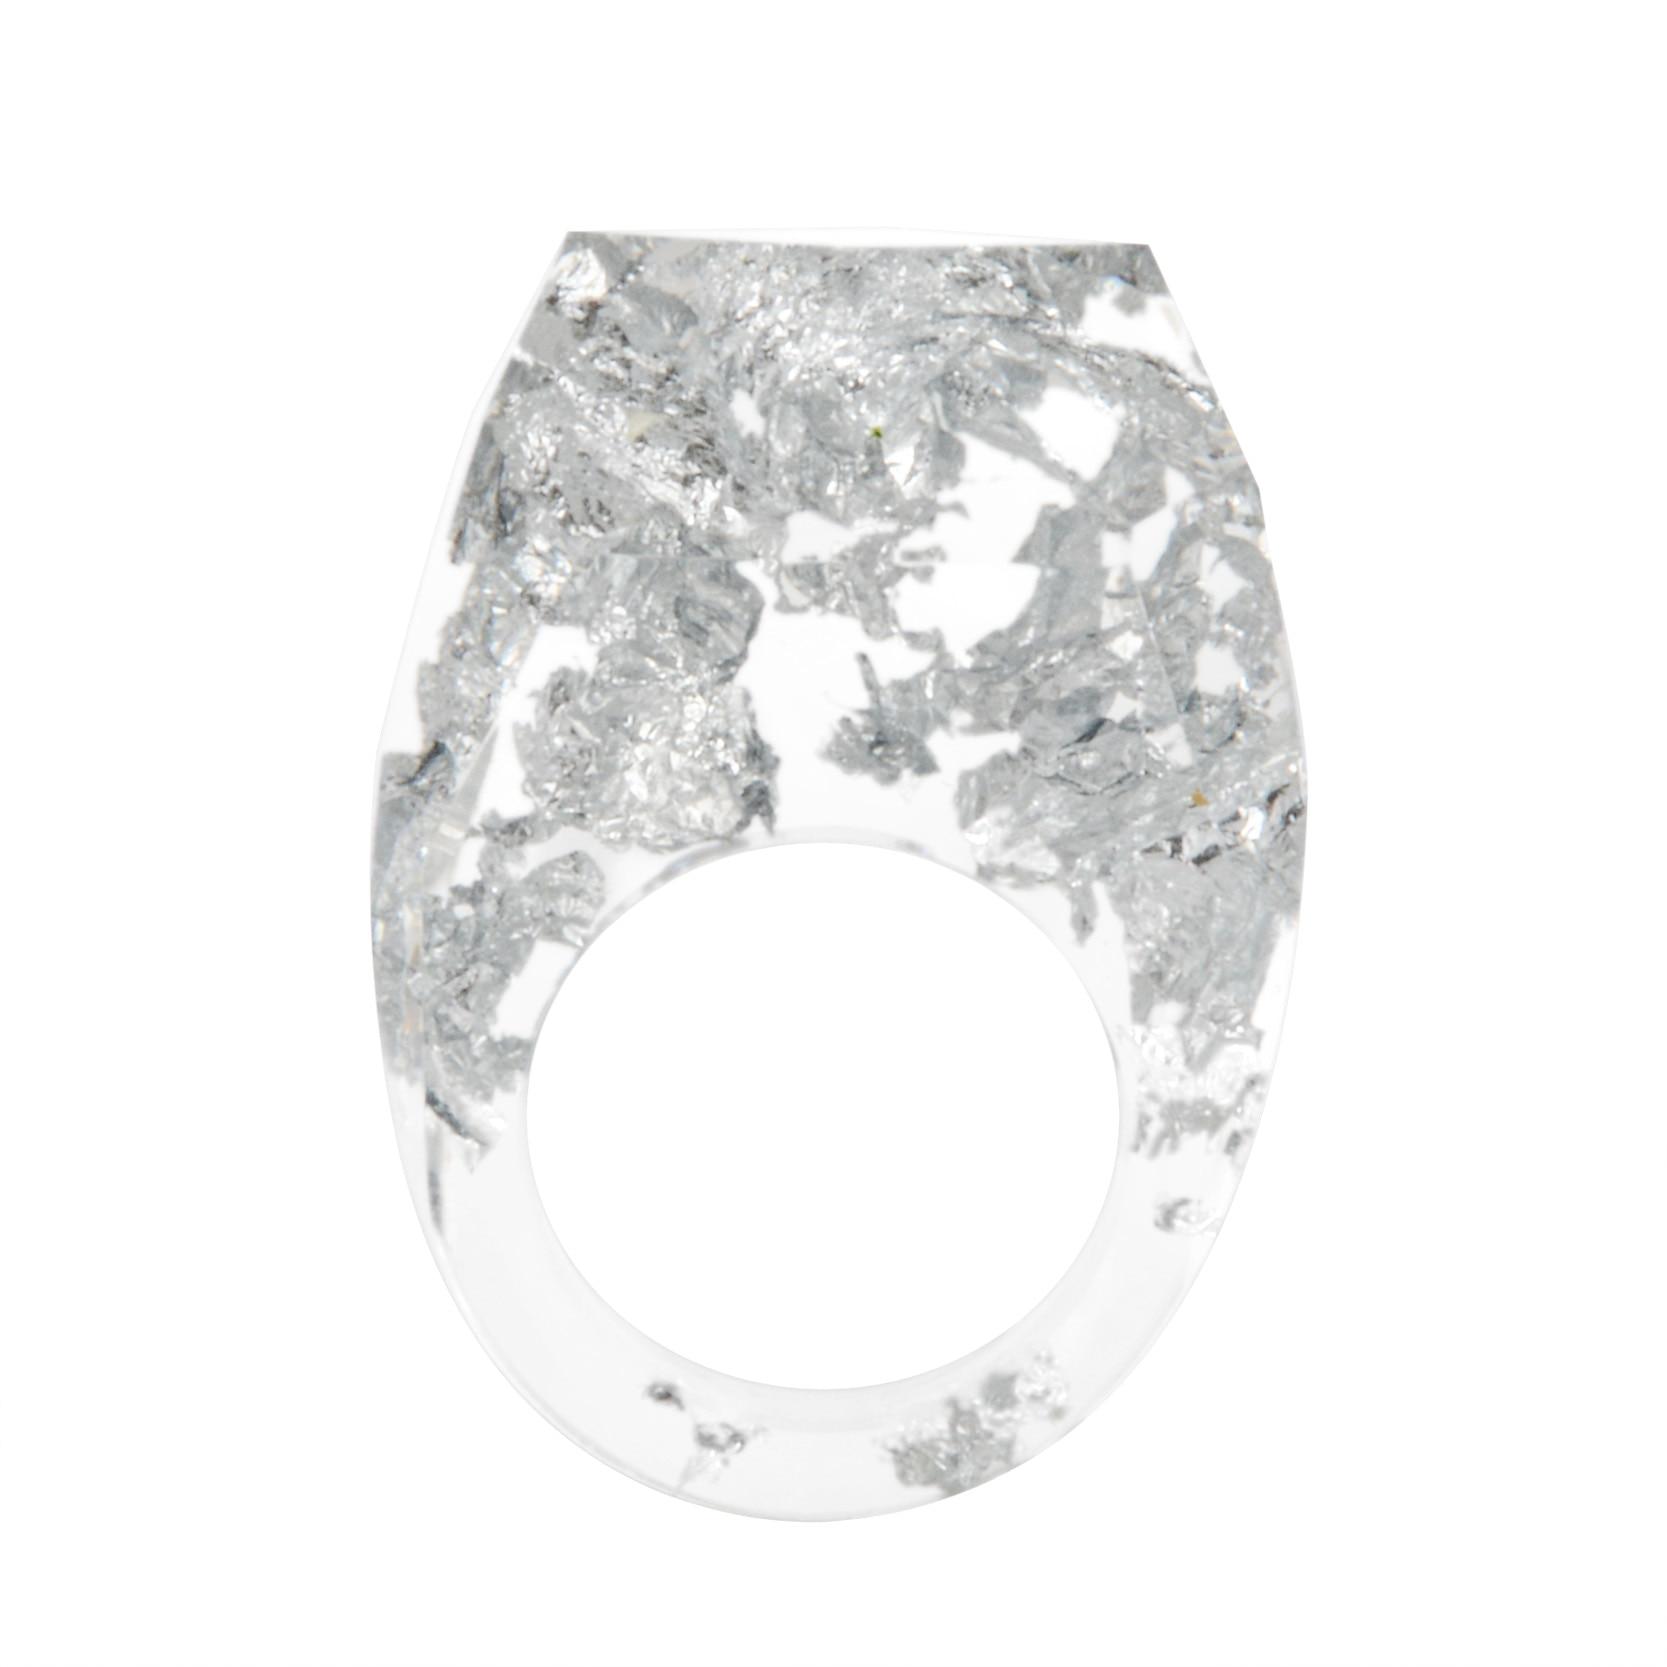 חדש שקוף שרף שיבוץ זהב/כסף נייר כסף עבודת יד טבעת שרף תכשיטי חתונה כלה אירוסין אבזרים